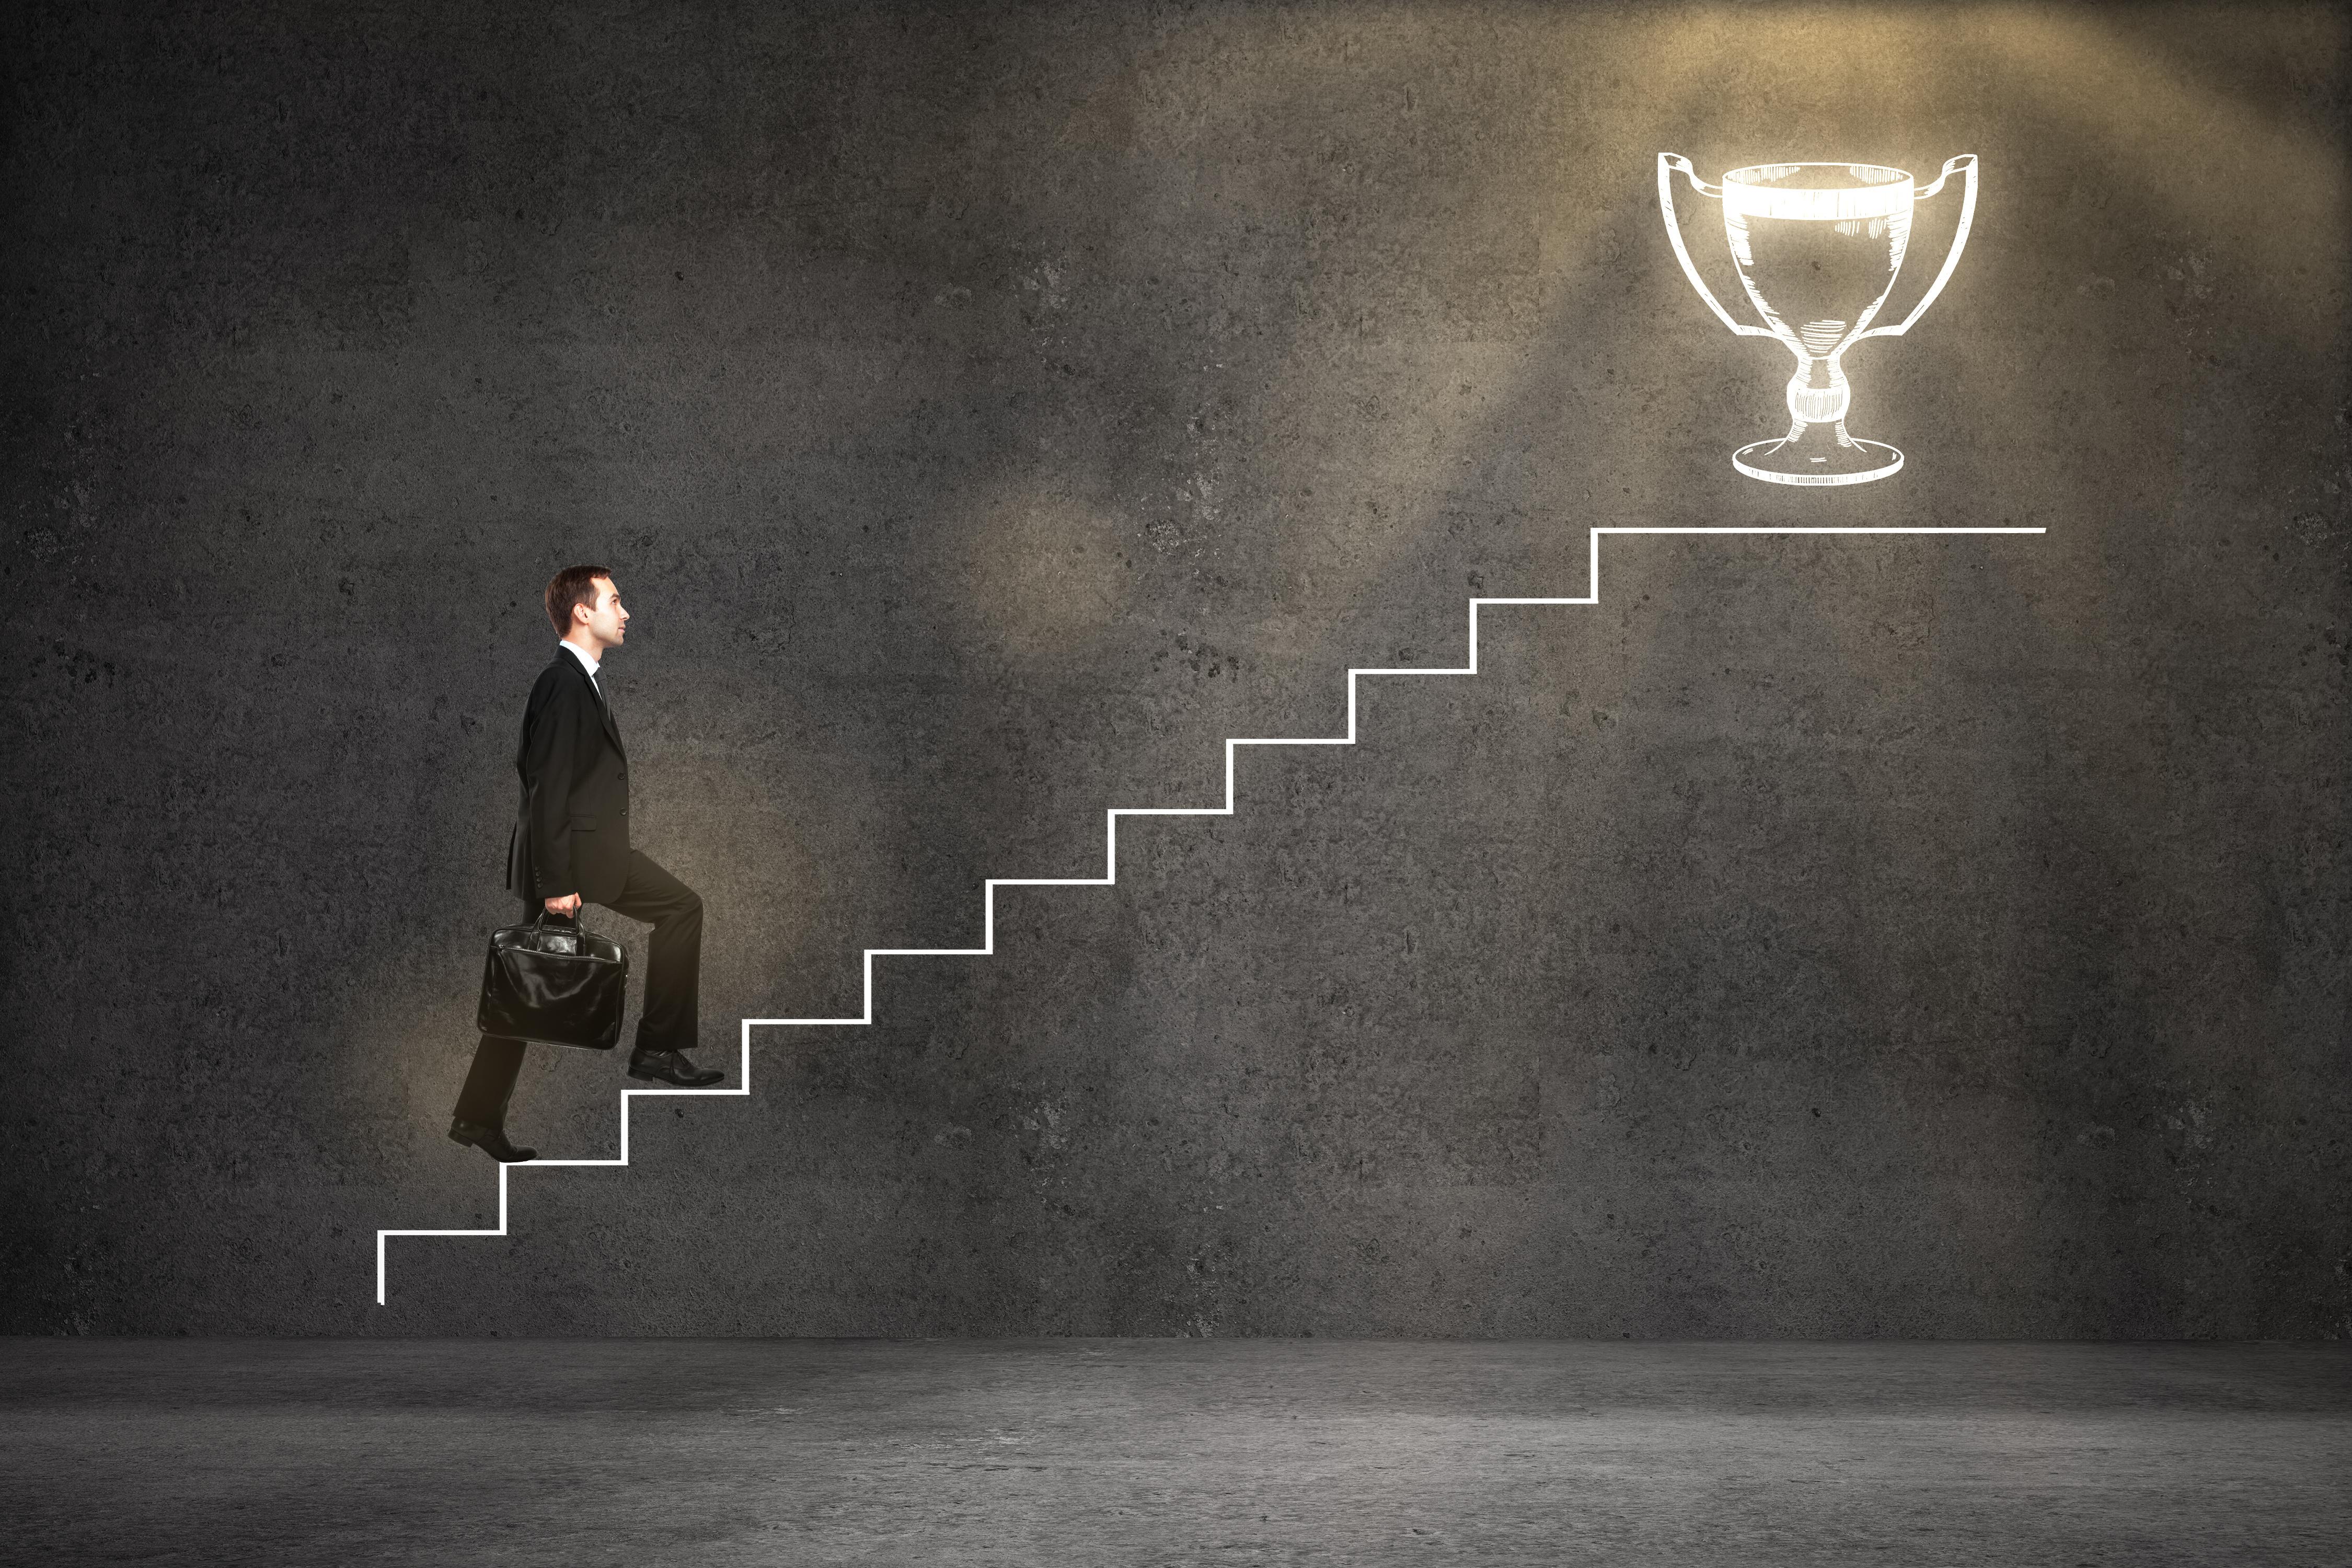 Business leader climbing awards ladder